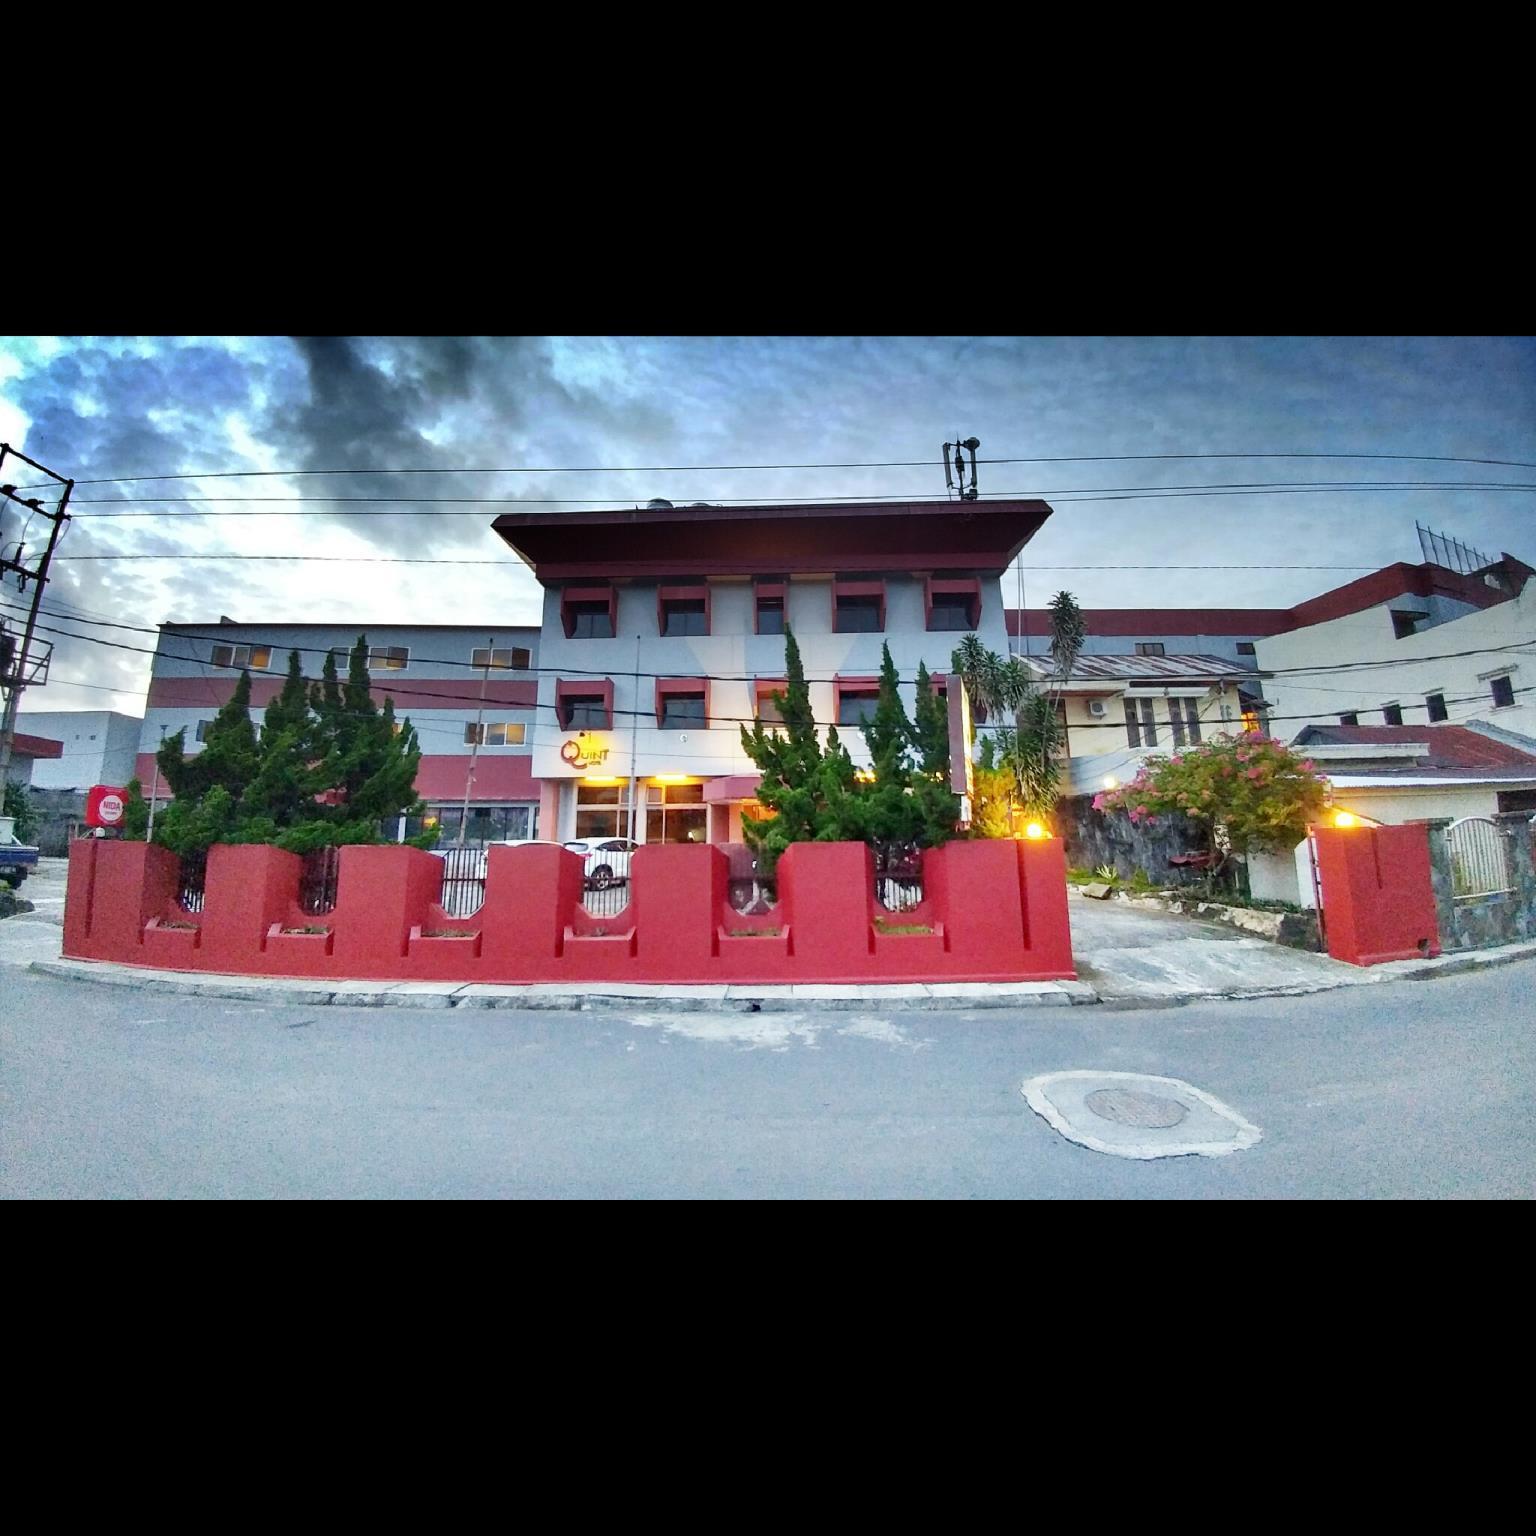 Quint Hotel, Manado